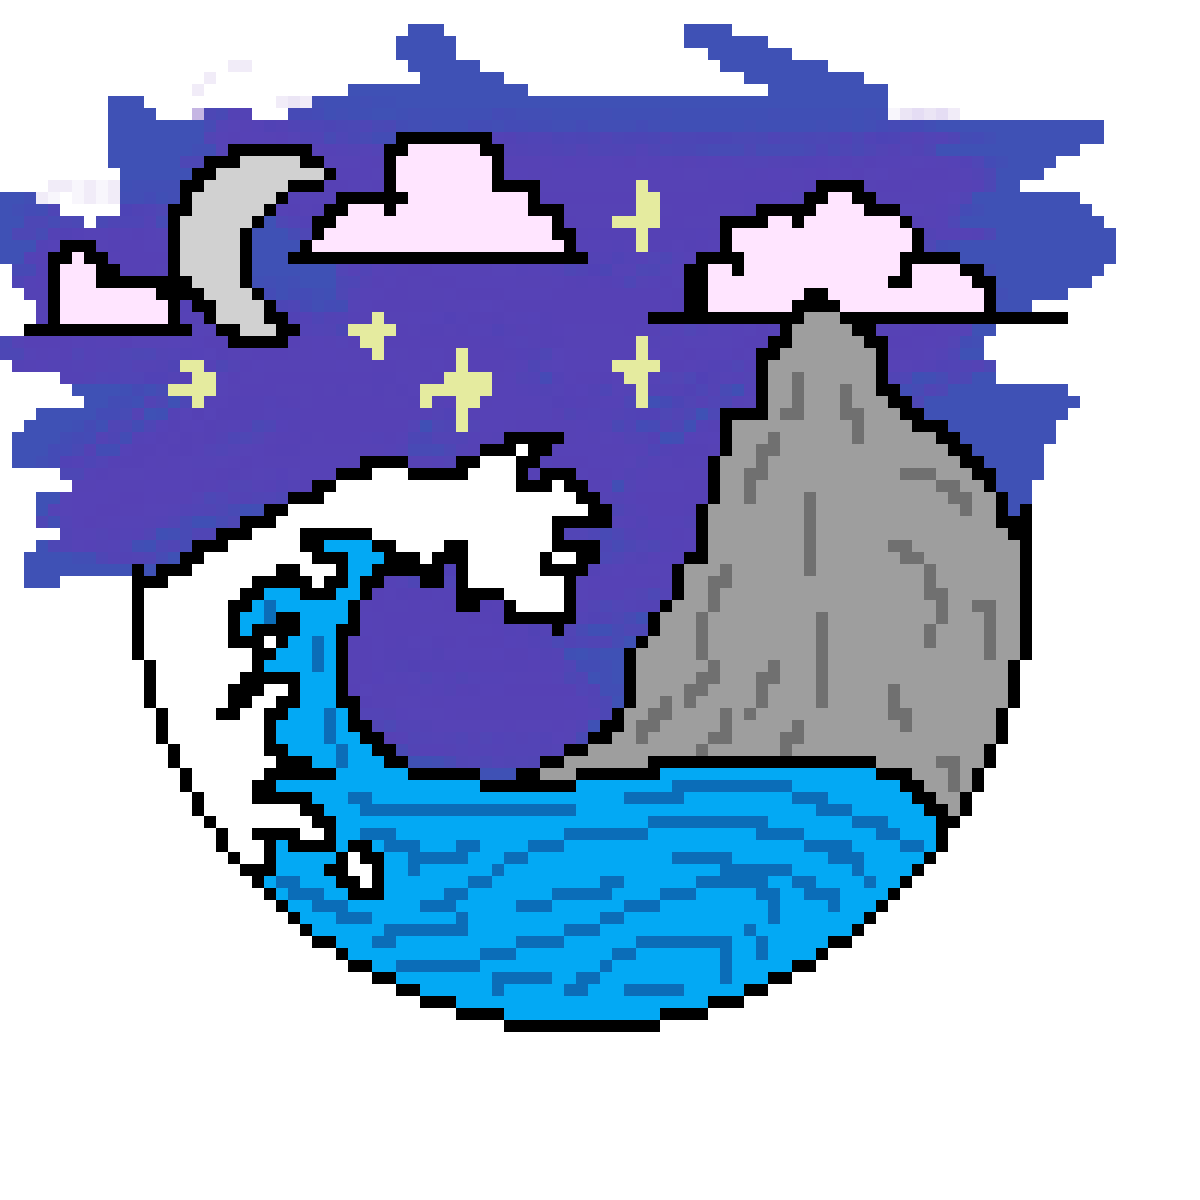 Ocean by DatPerson